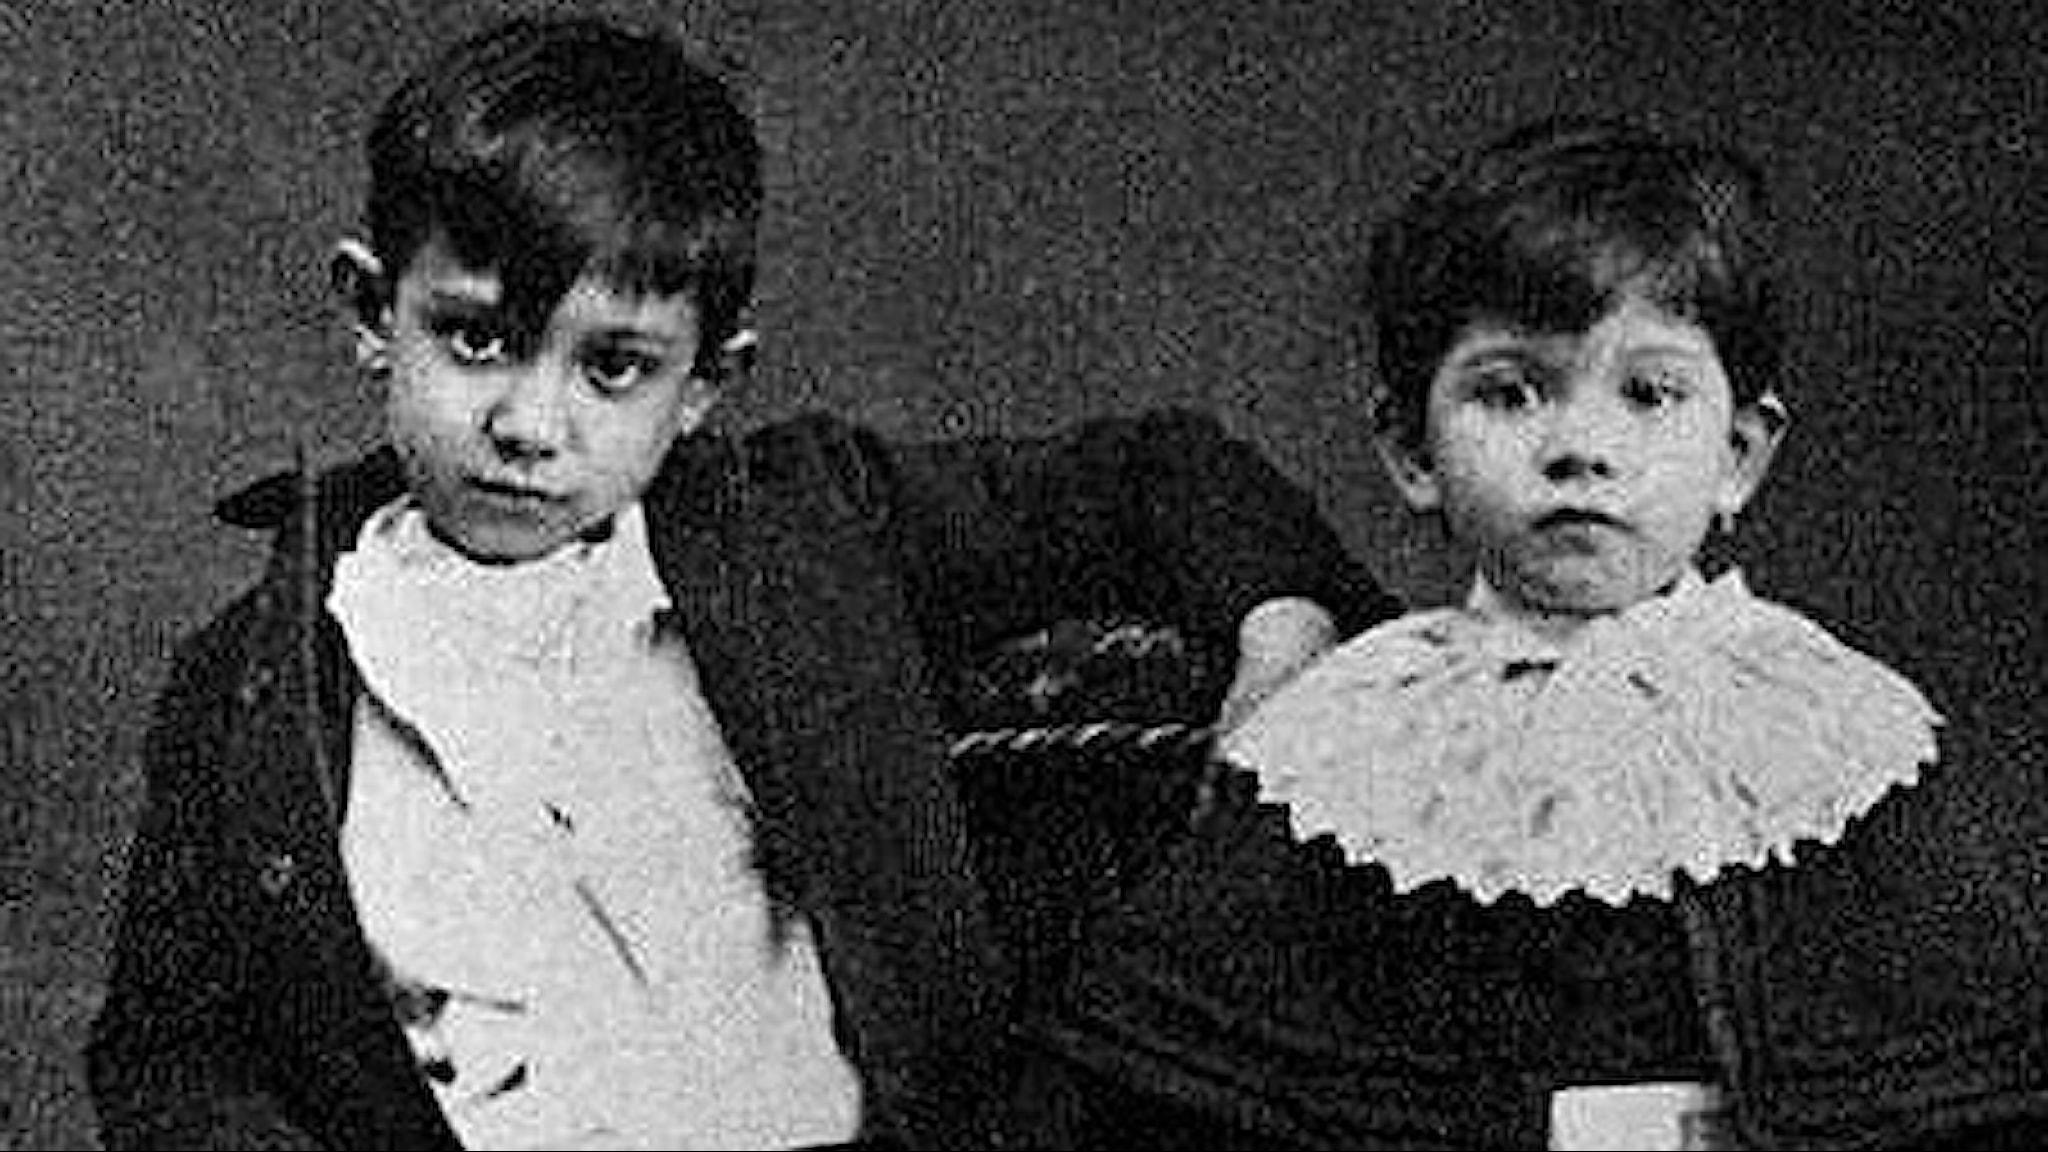 picasso och hans syster Lola.